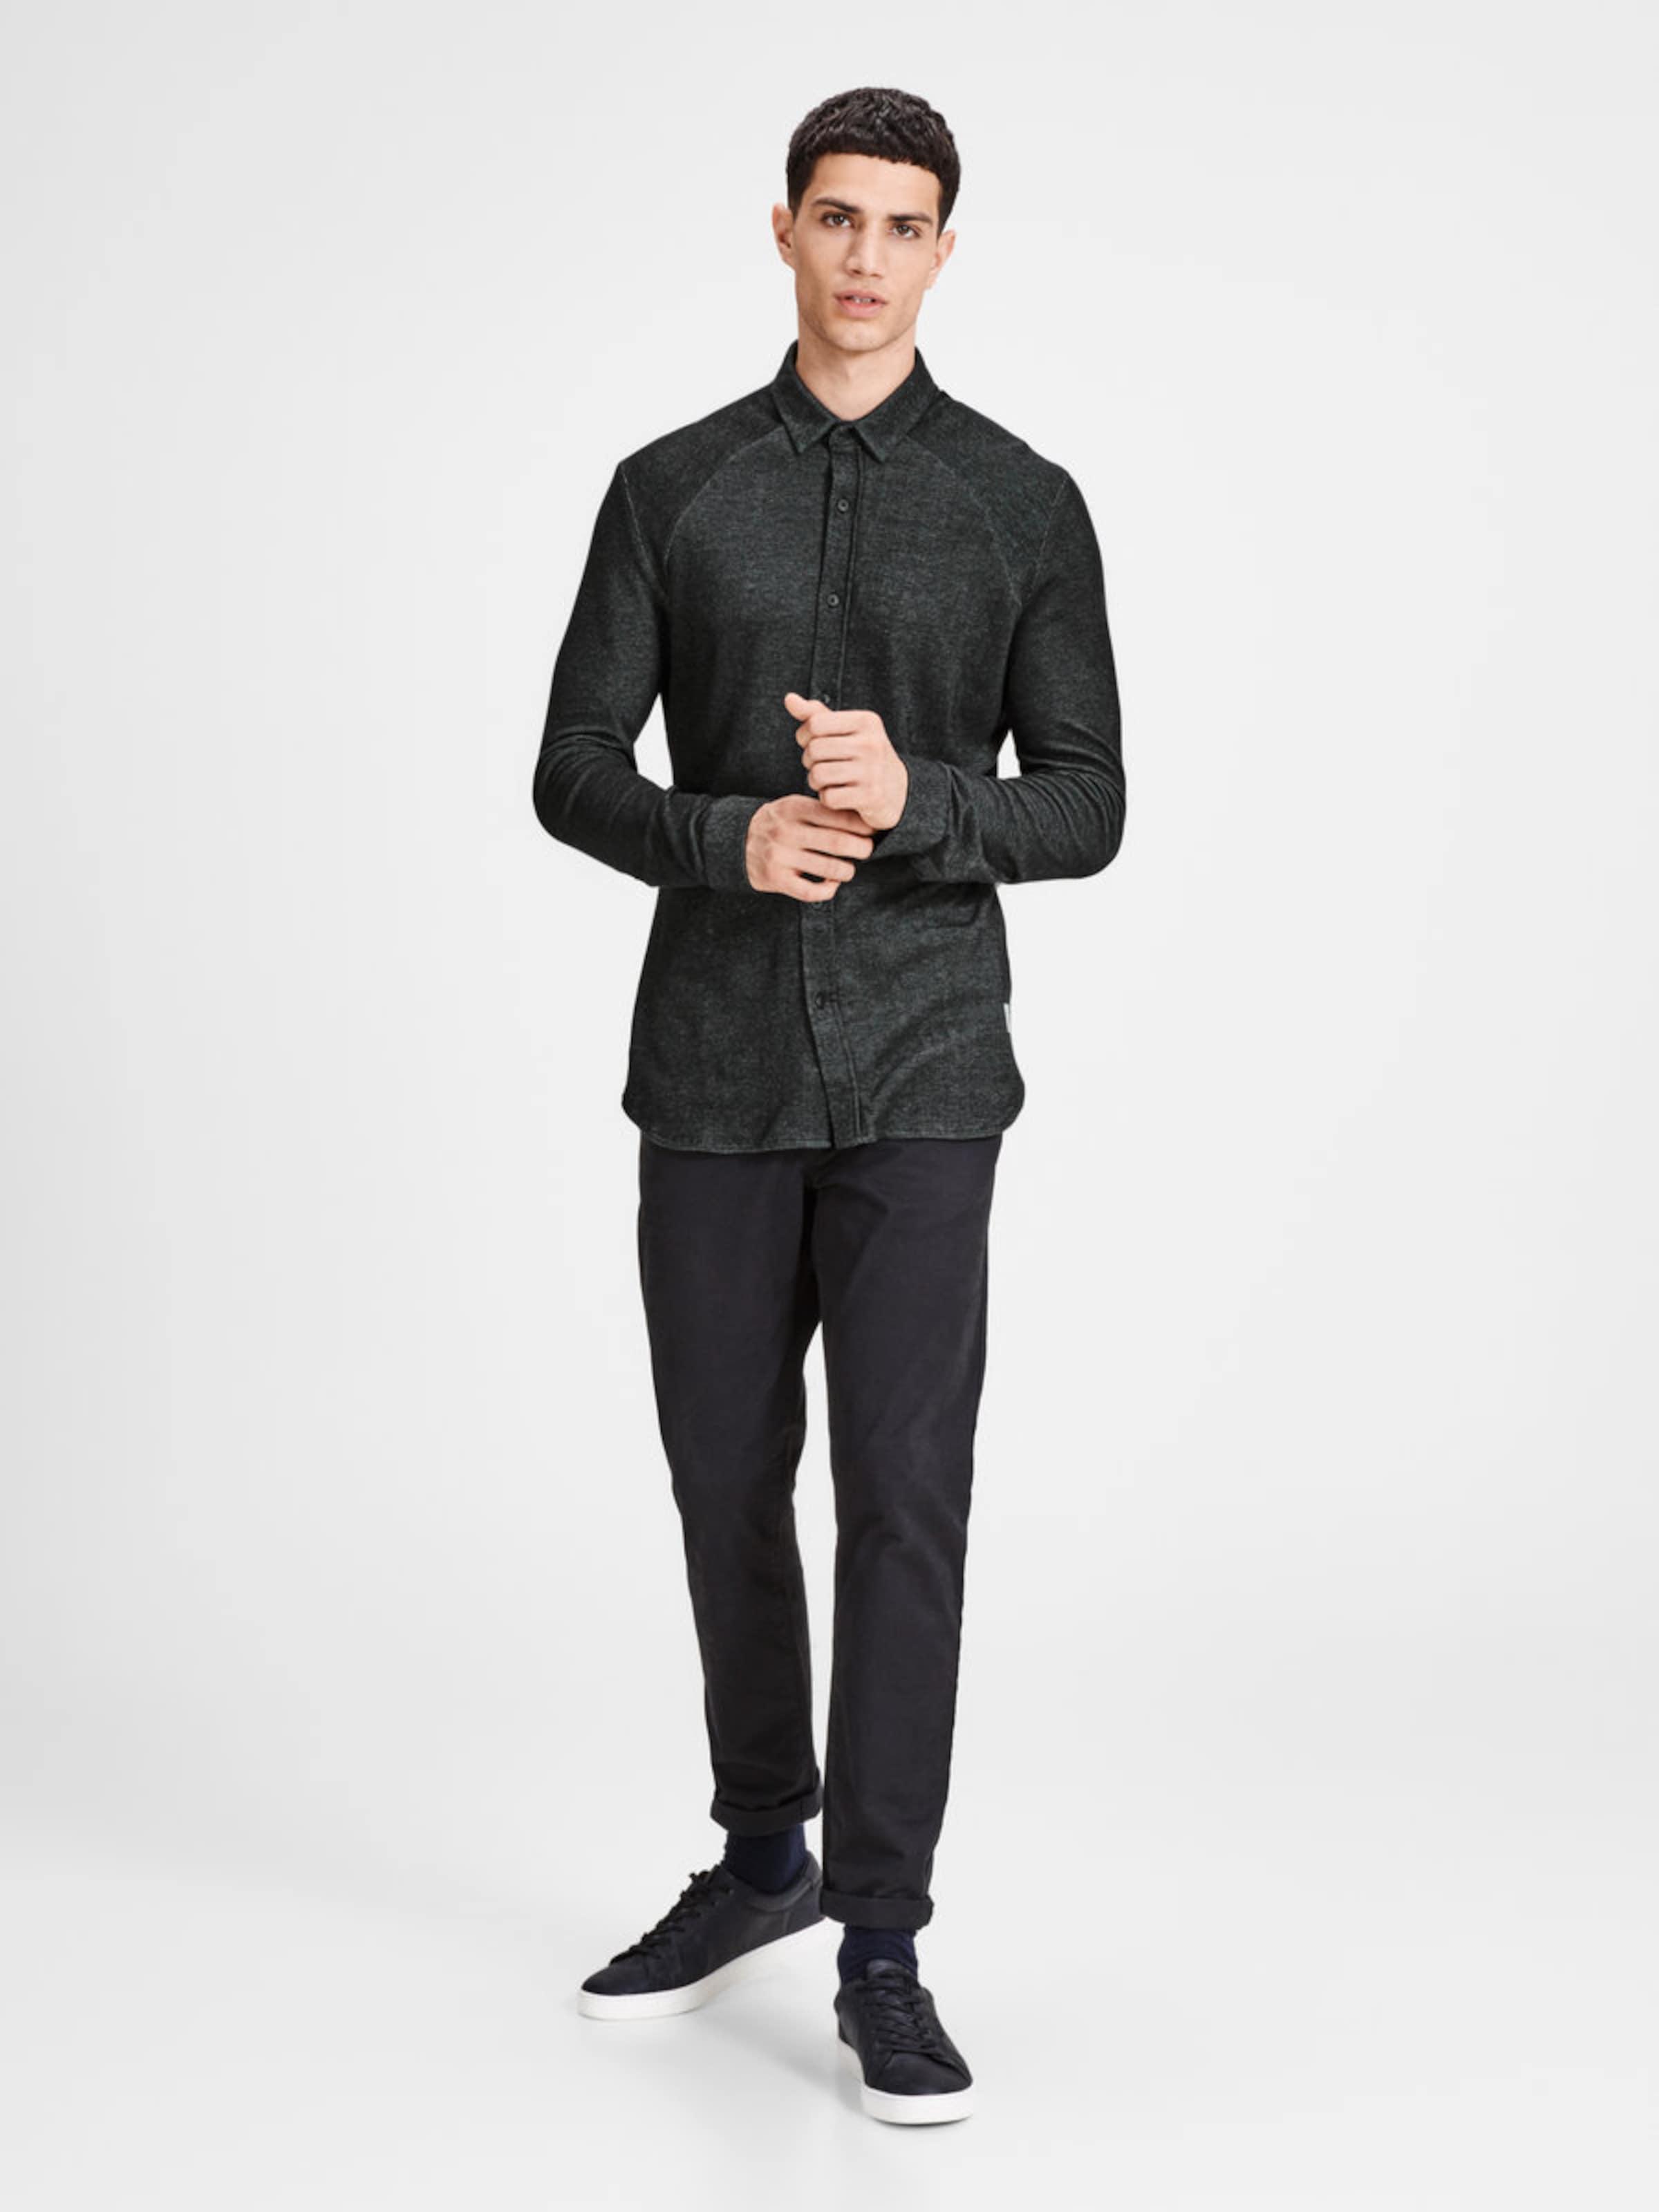 Günstig Kaufen Erschwinglich Besuchen Verkauf Online JACK & JONES Langarmhemd Besuchen Neu Zu Verkaufen Billig Große Überraschung LXEsv